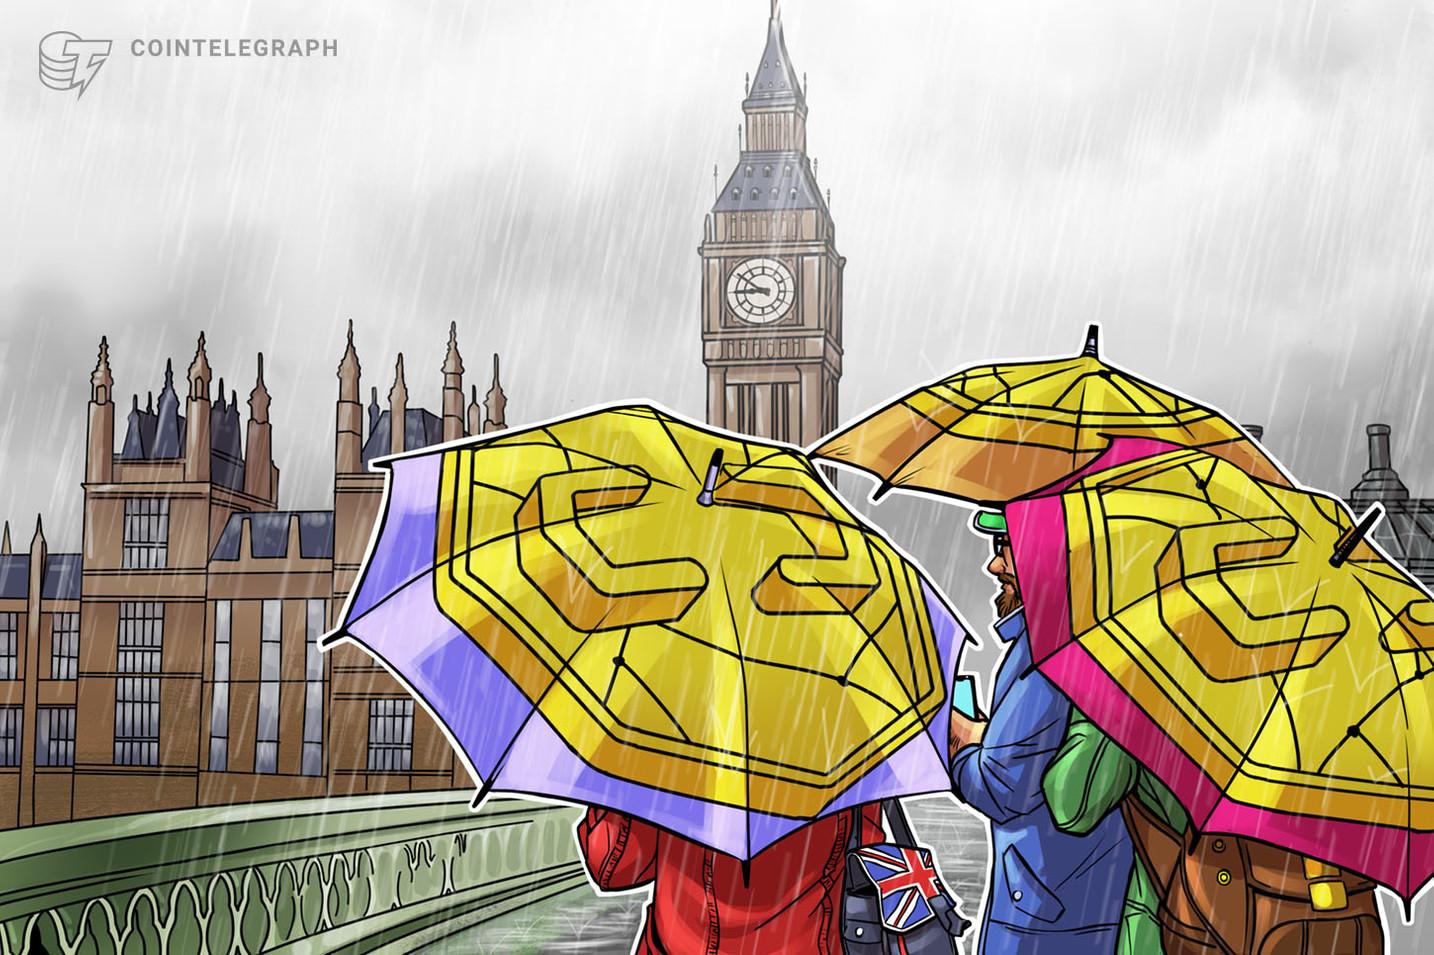 英国で13の仮想通貨企業がライセンス申請撤回